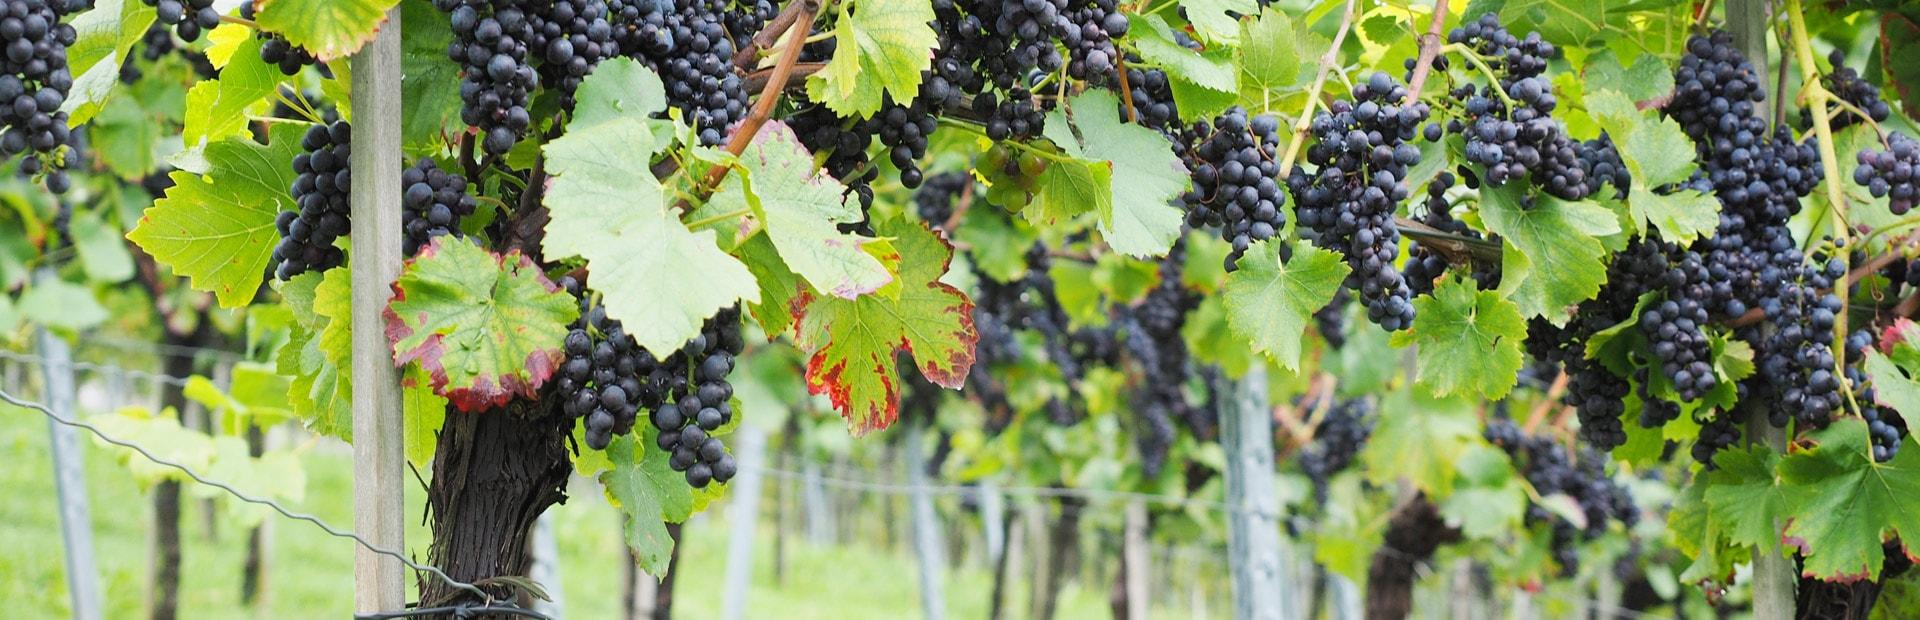 Rotwein, Weinrebe, Weinberg, Weintrauben